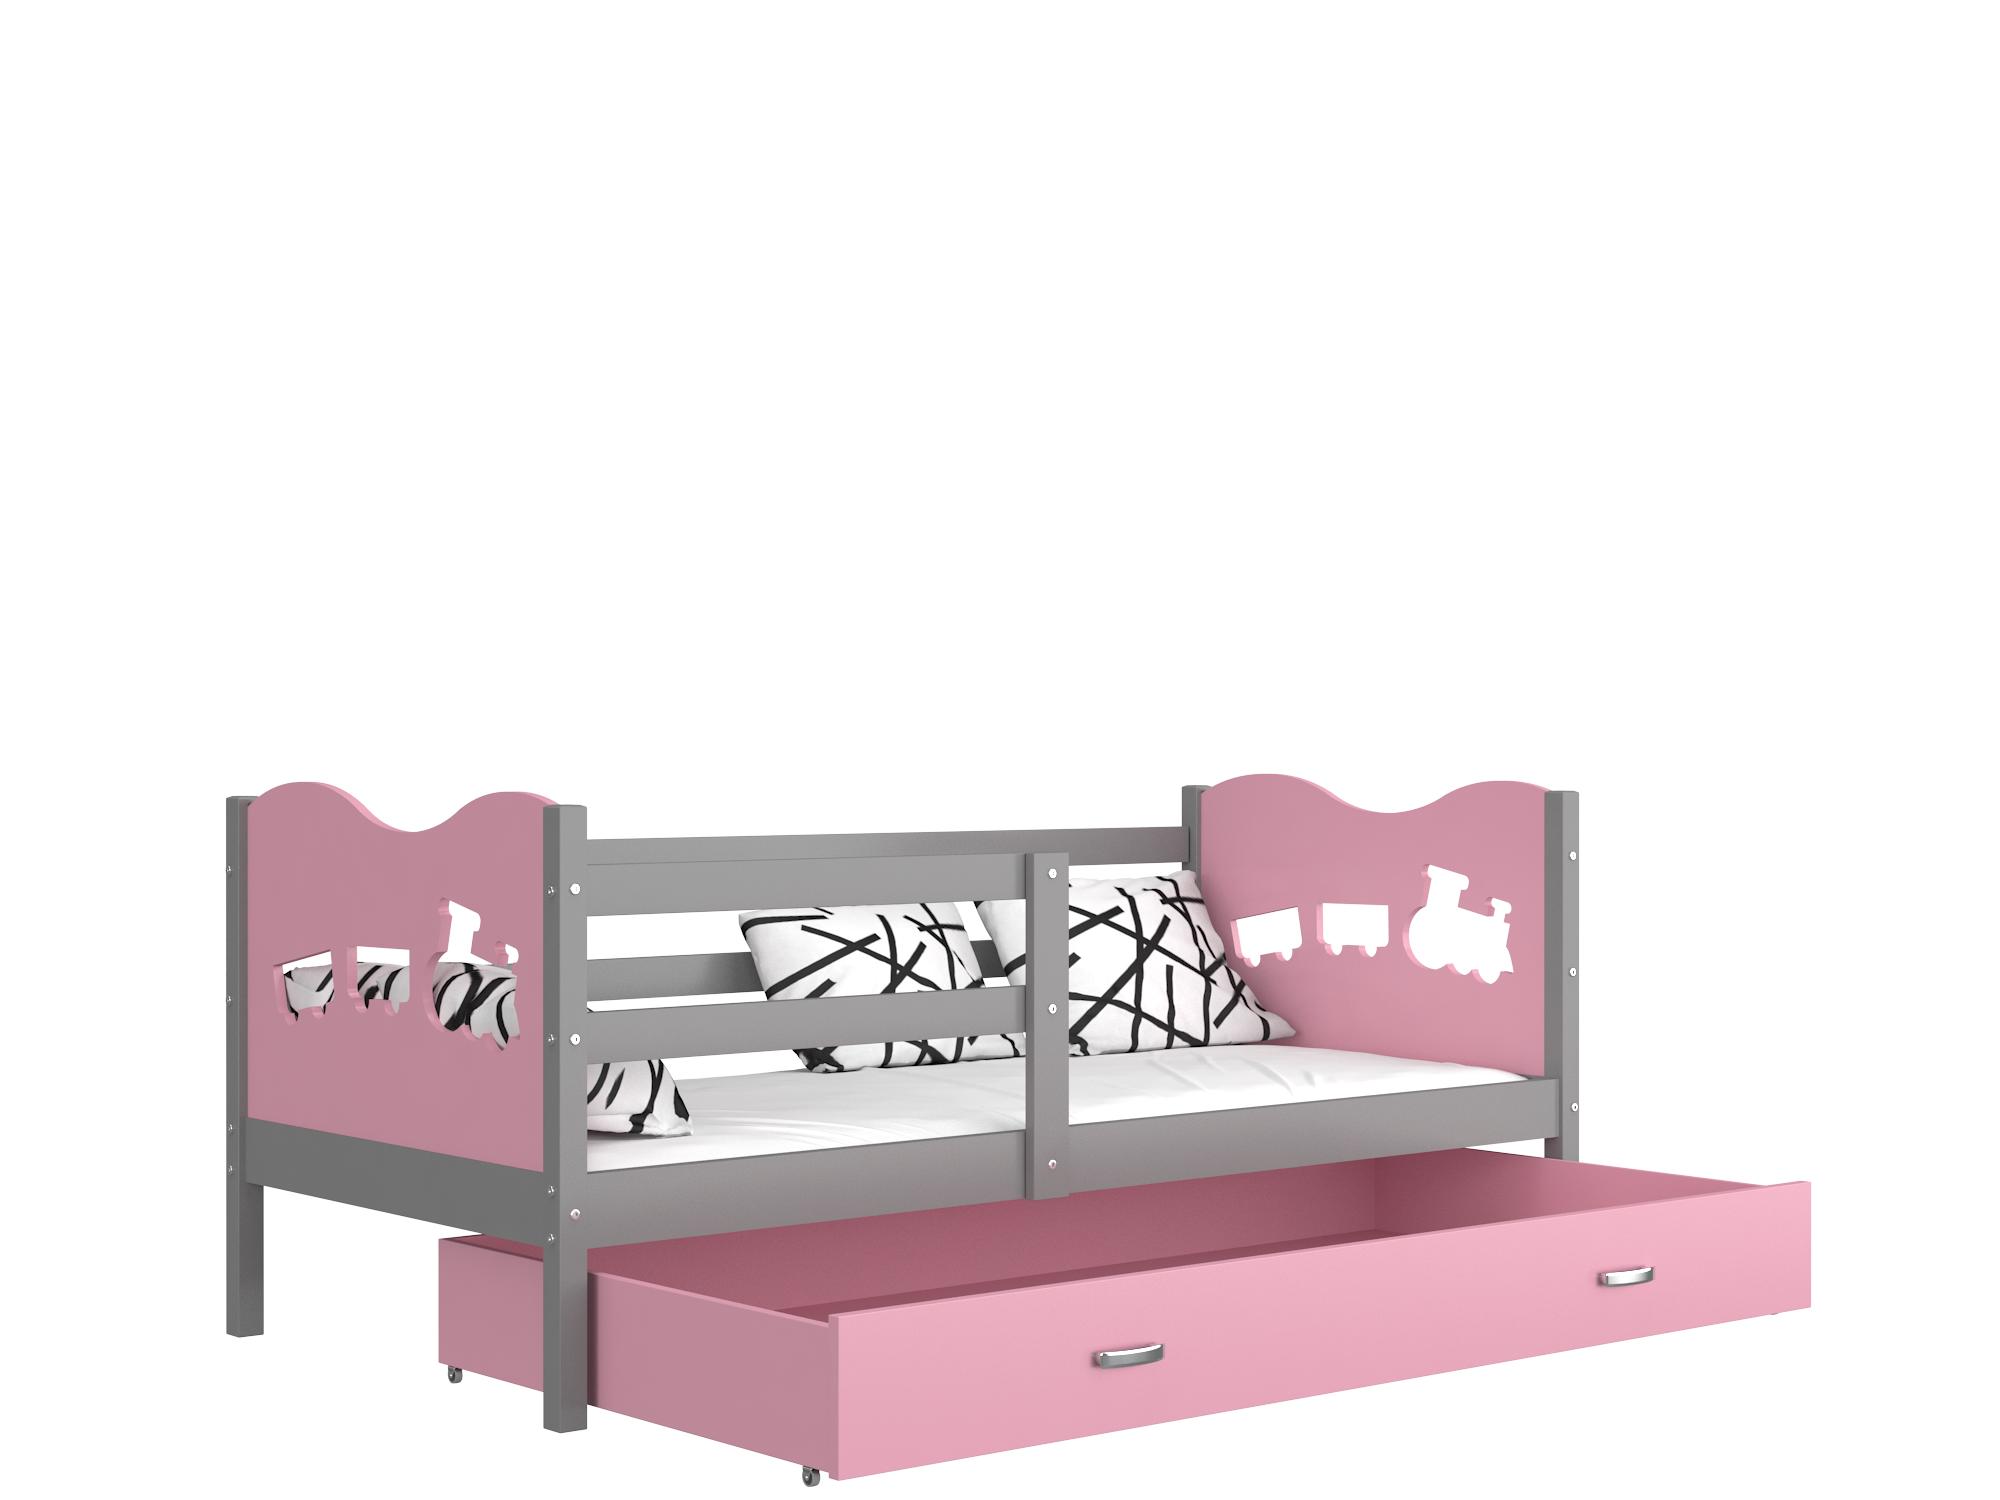 ArtAJ Detská posteľ Max P / MDF 190 x 80 cm Farba: Sivá / ružová 190 x 80 cm, Prevedenie: s matracom